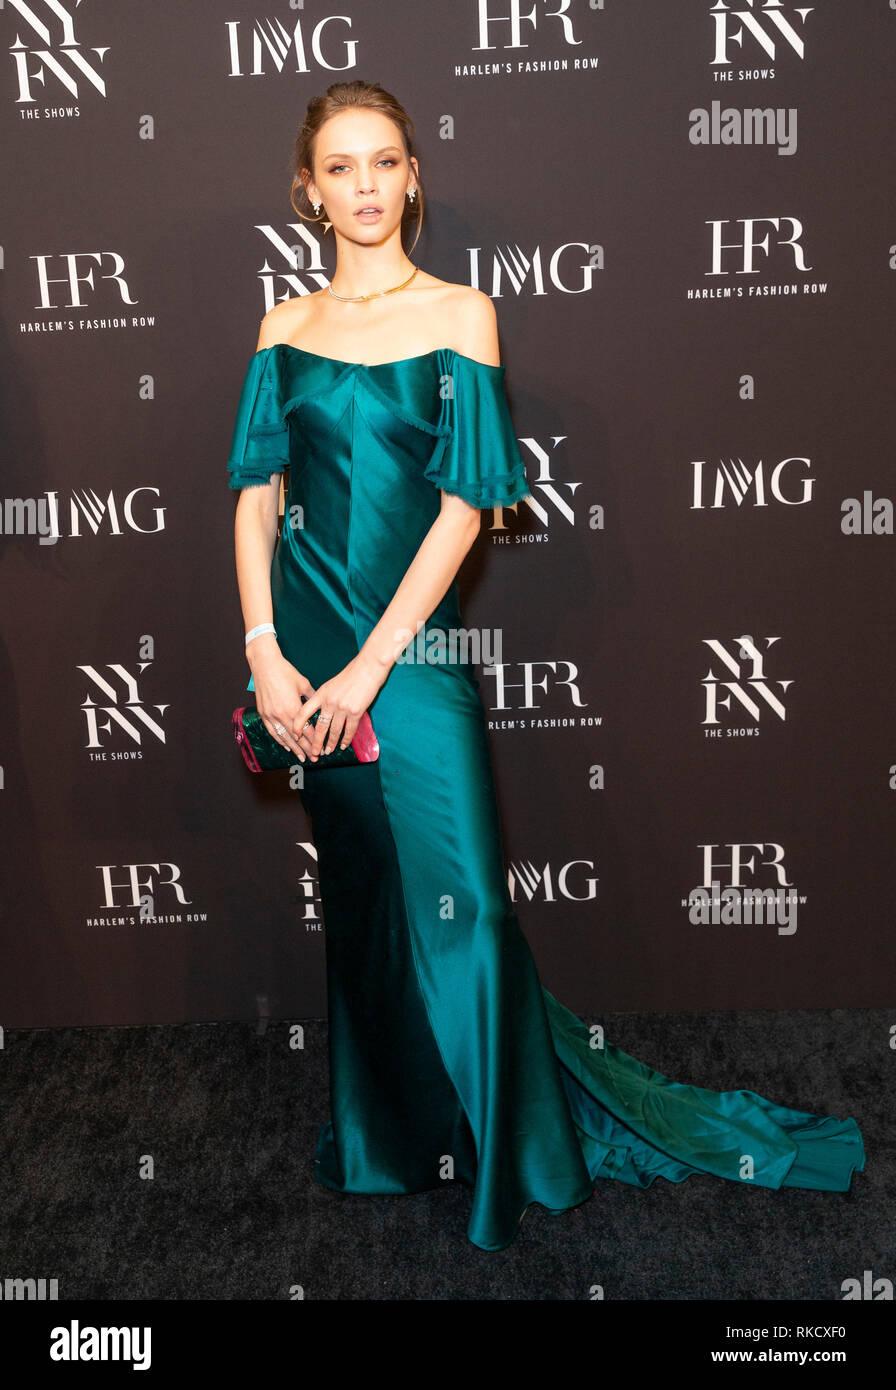 New York, NY - February 6, 2019: Model Faith Lynch wearing